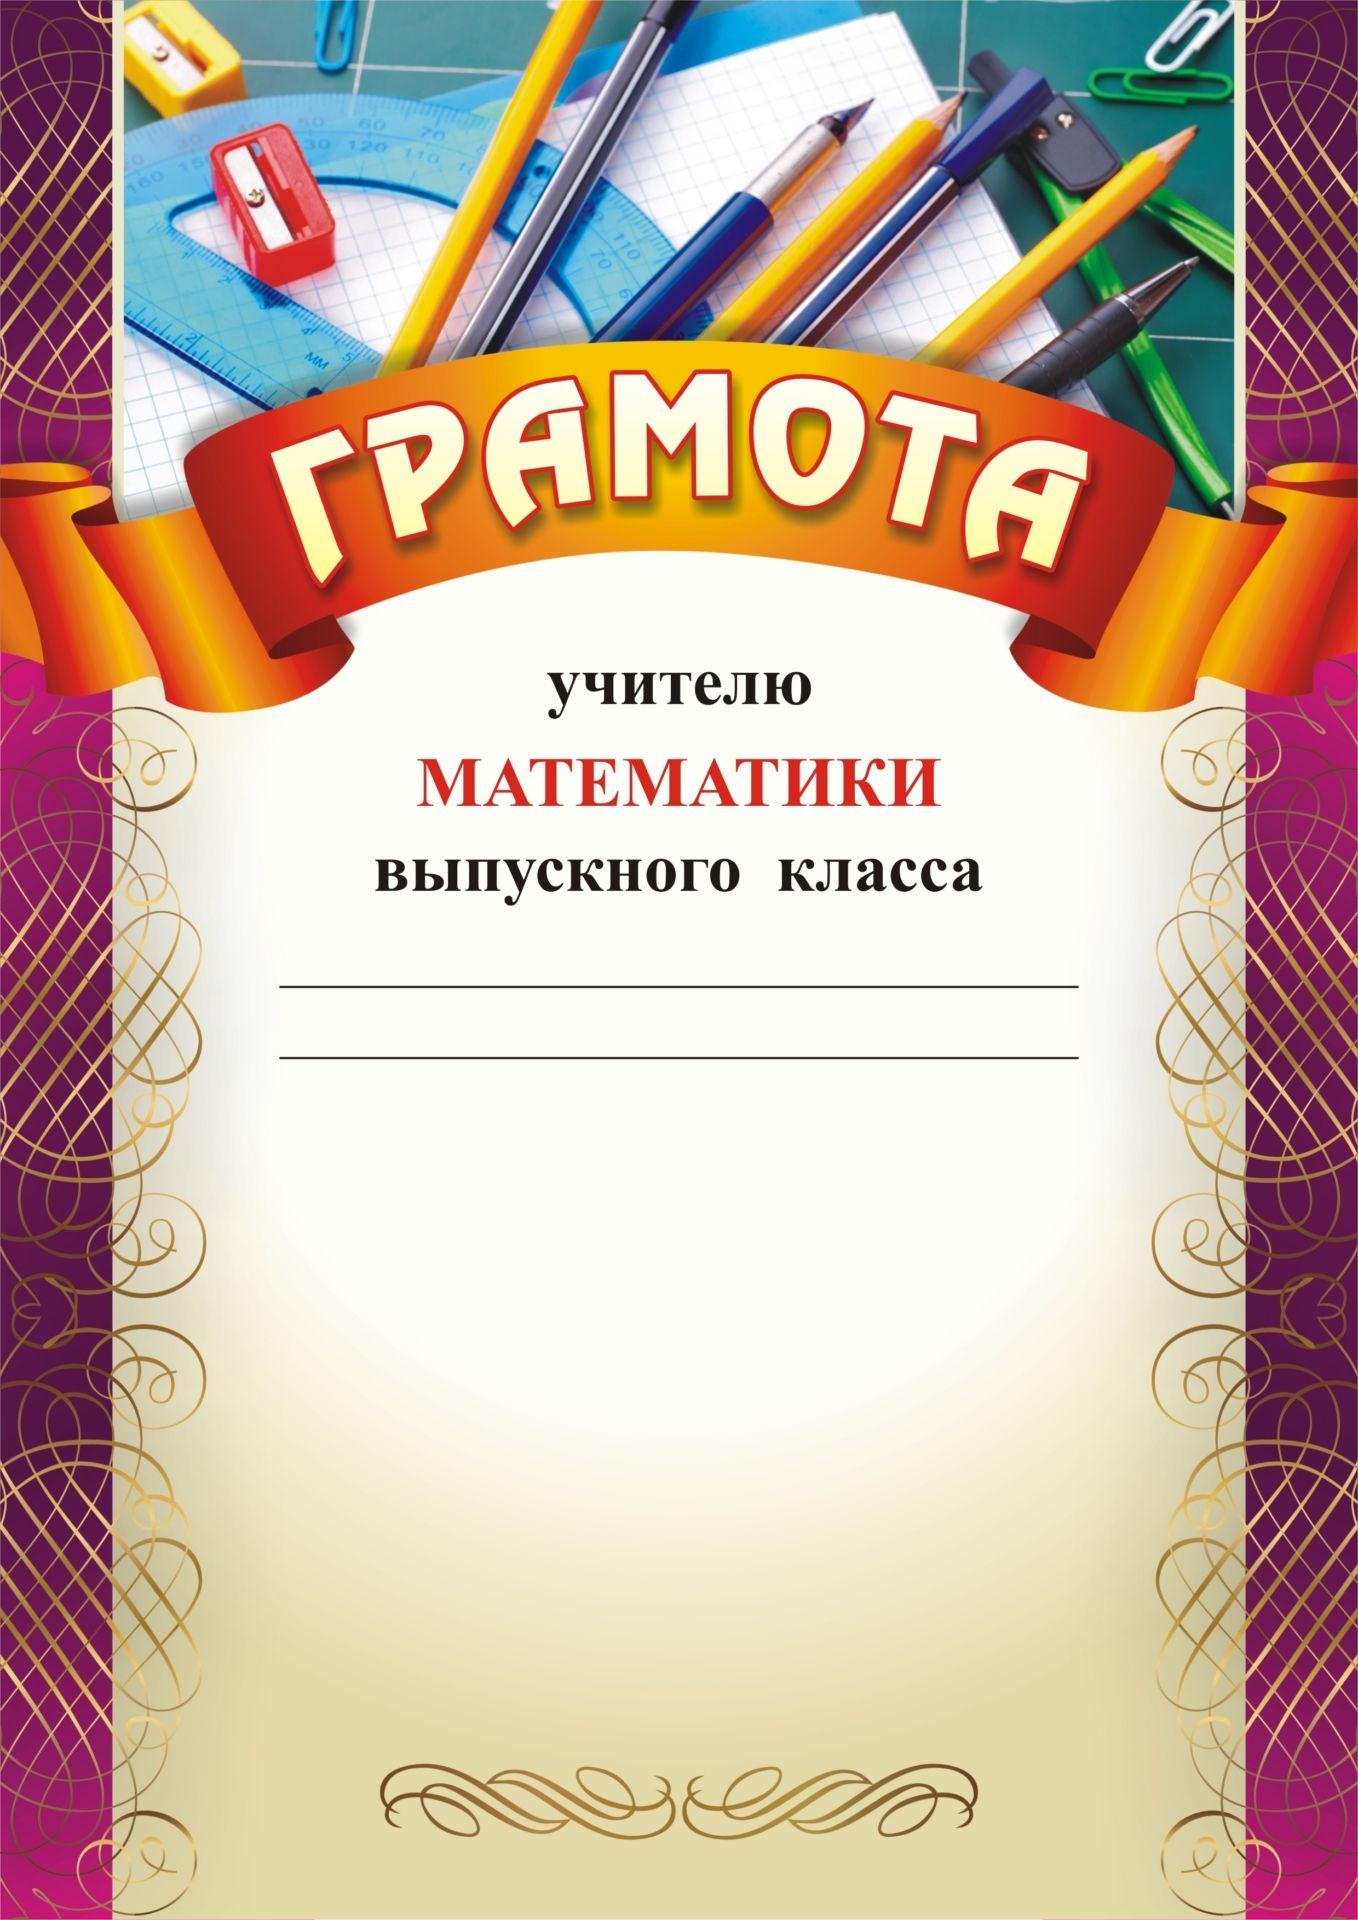 Грамота учителю математики выпускного класса: (Формат А4,  бумага мелованная матовая)К праздникам и мероприятиям<br>.<br><br>Год: 2017<br>Высота: 297<br>Ширина: 210